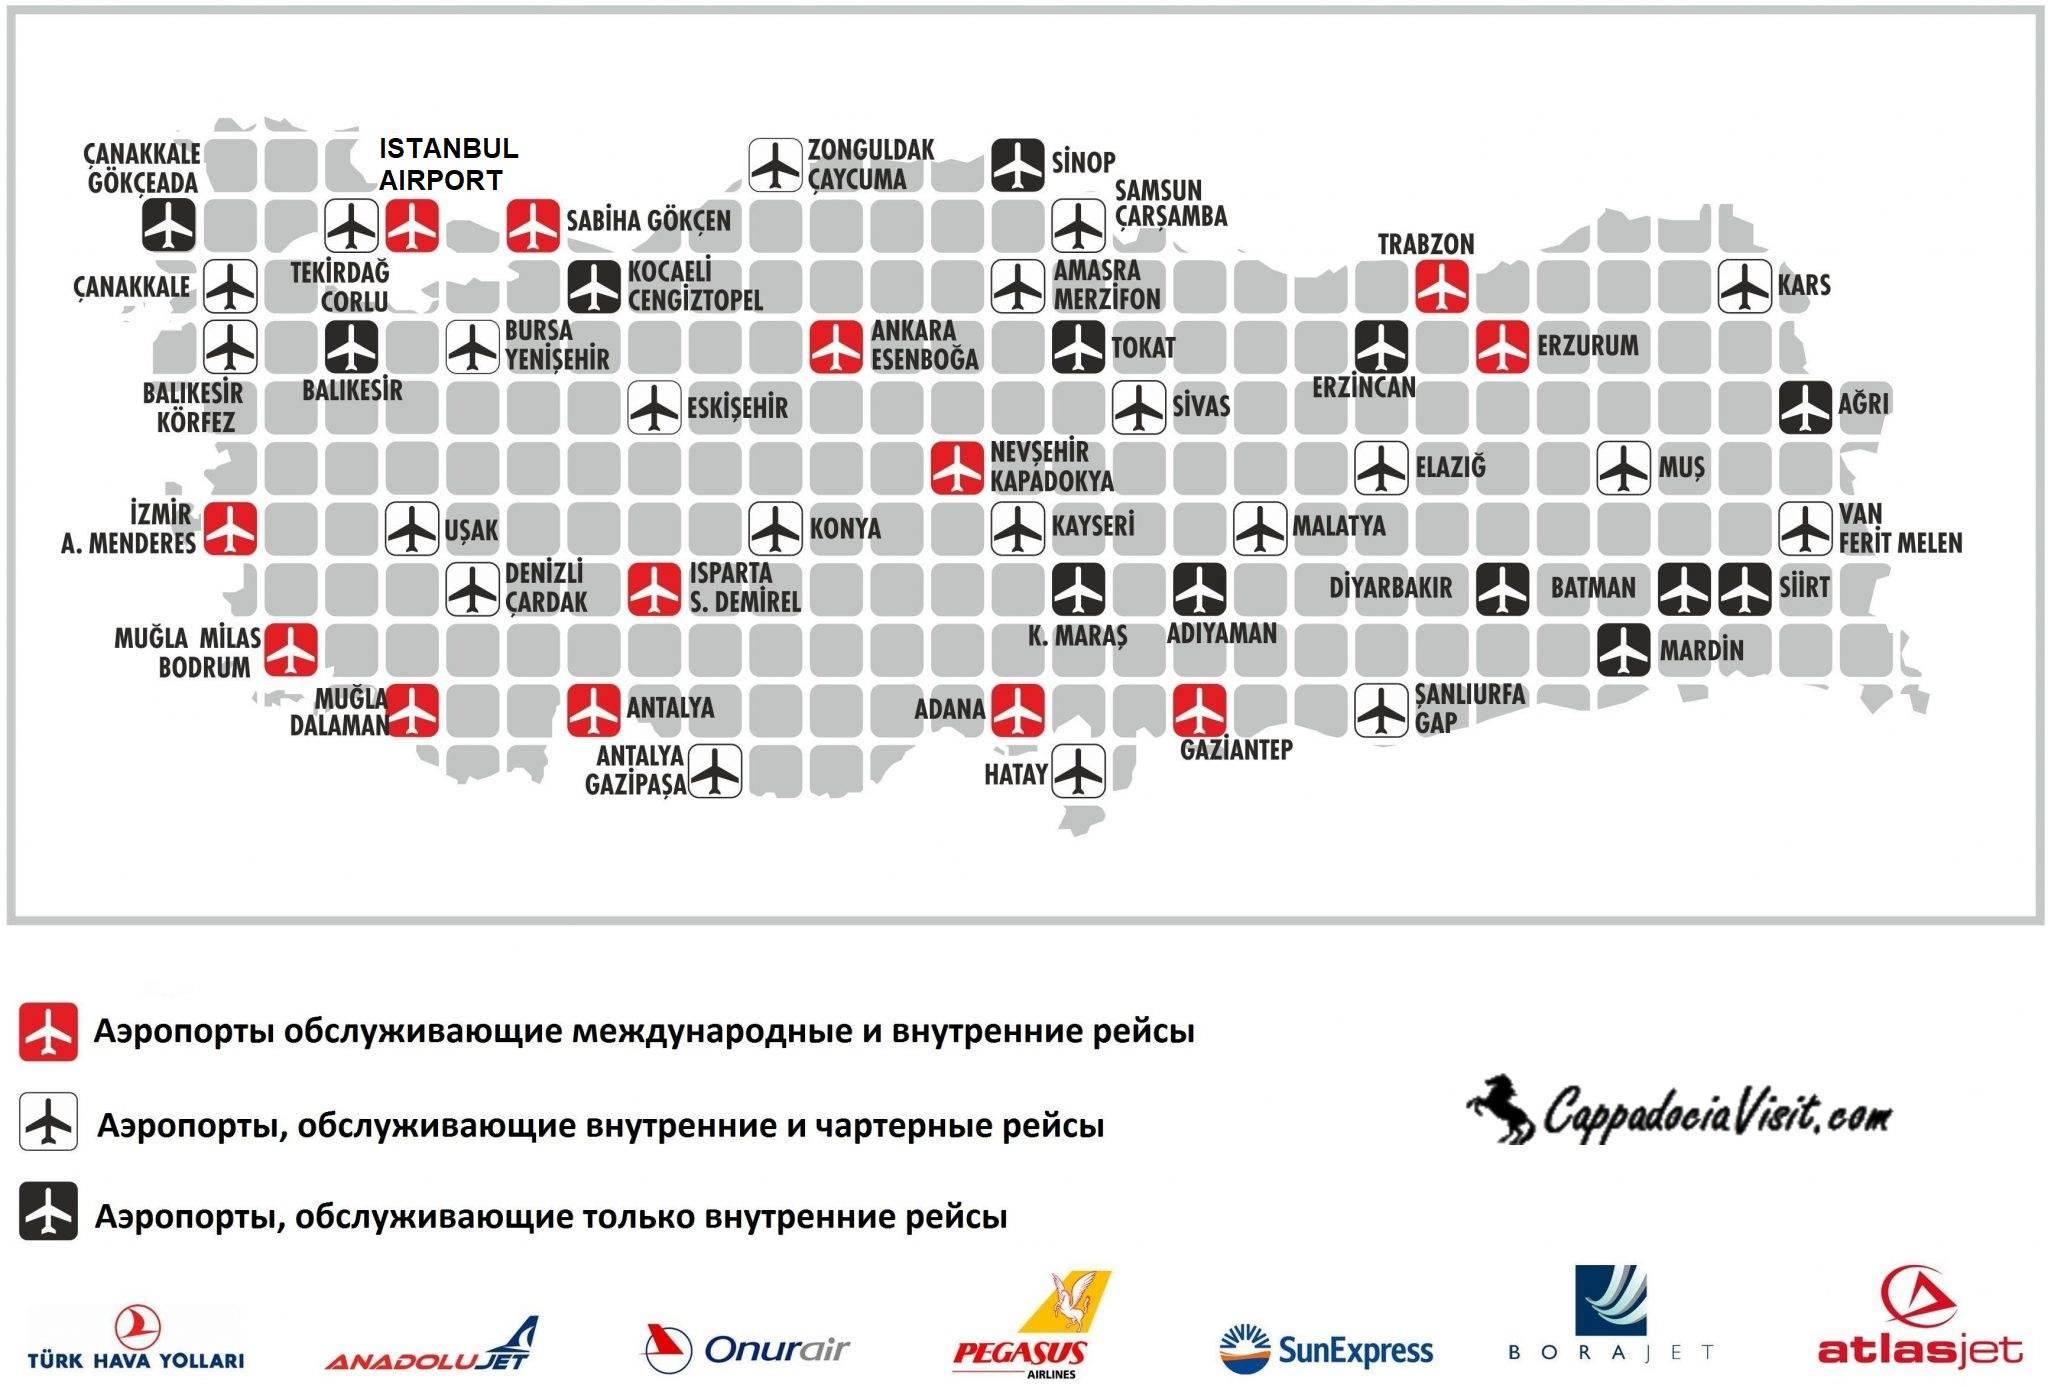 Расстояния от аэропортов до курортов турции